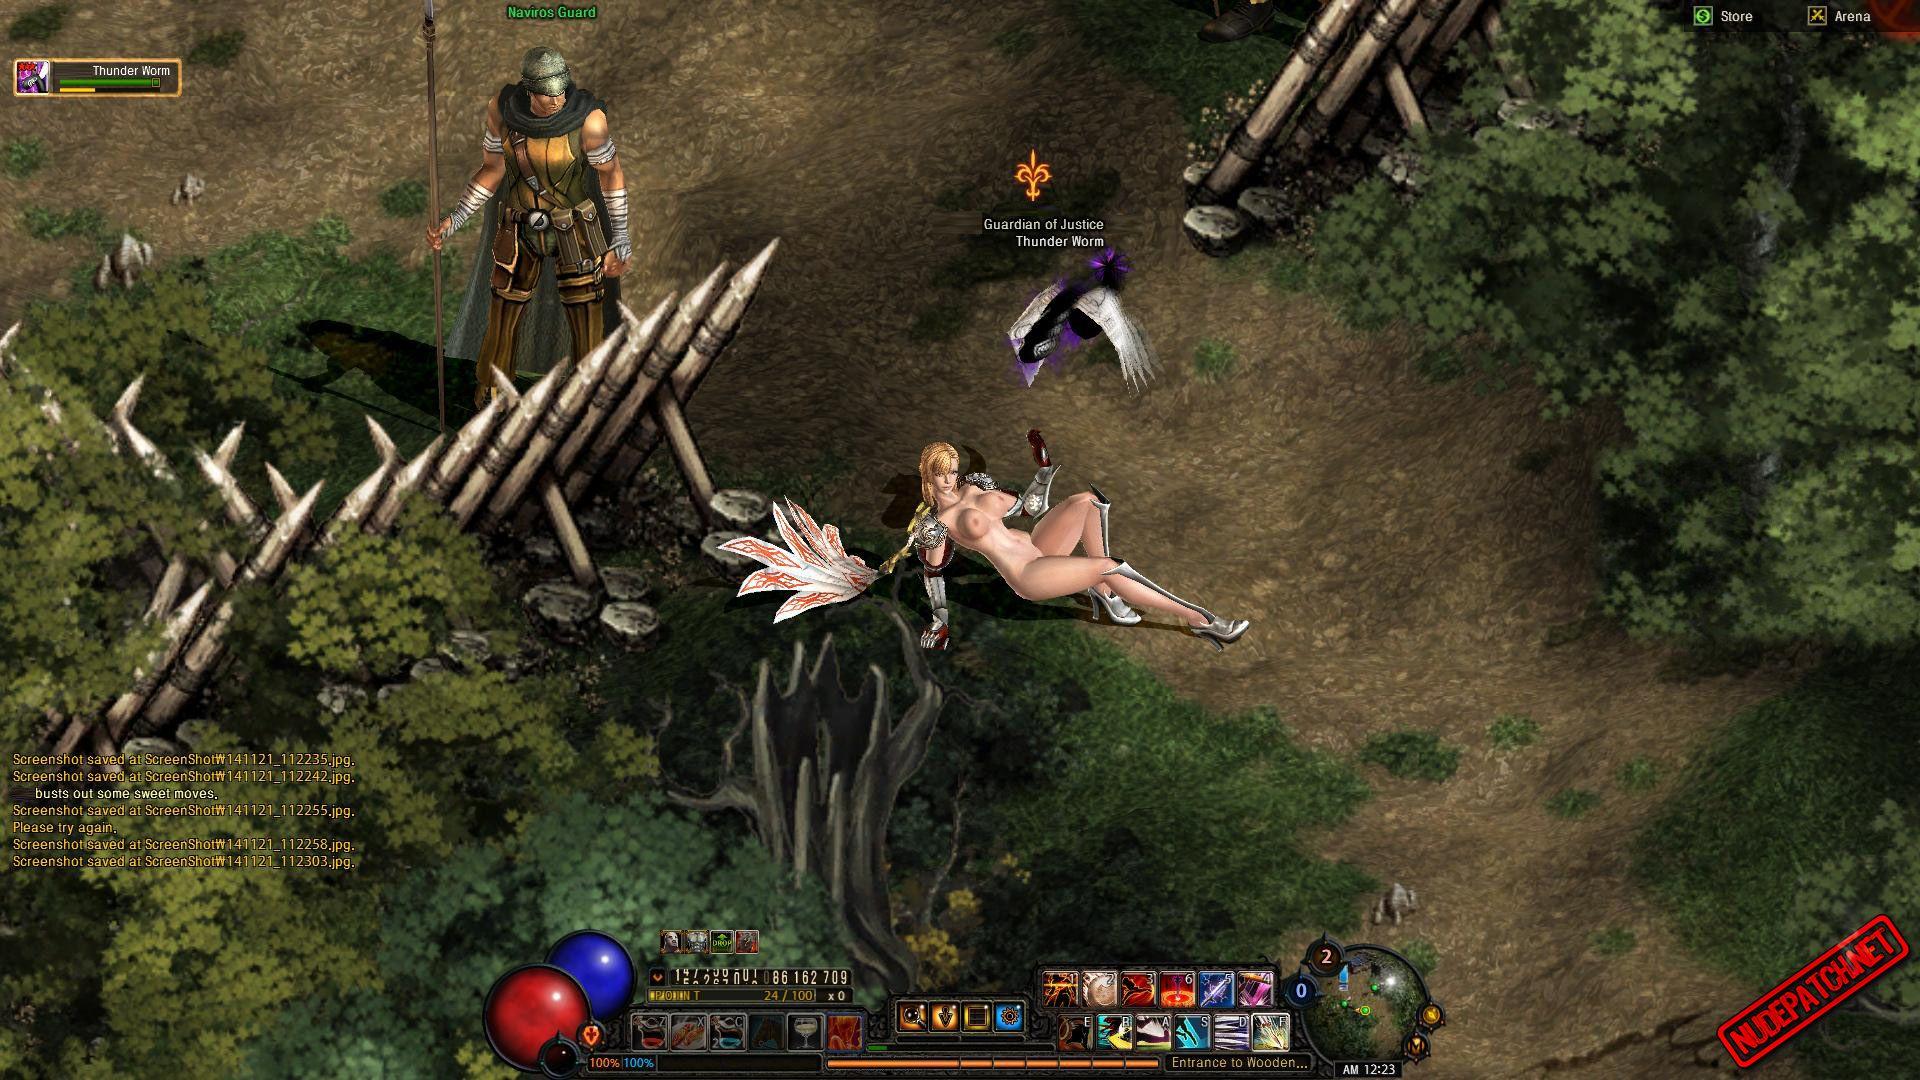 Diablo 2 nude assassin mod